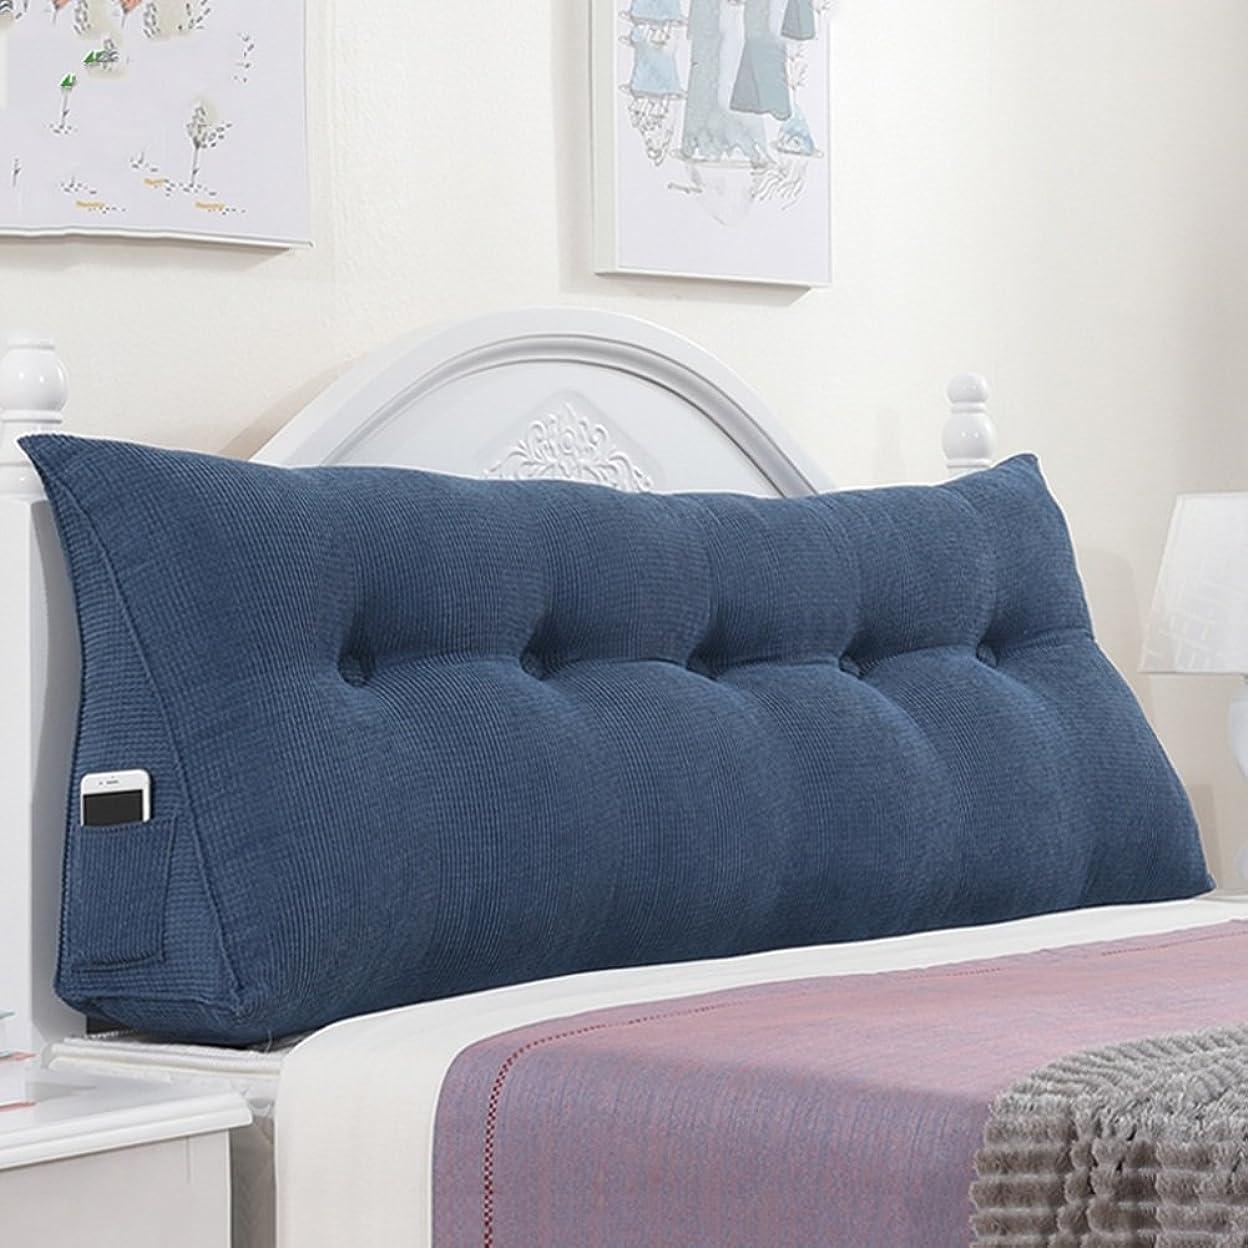 句読点消毒剤酸化物シングル/ダブルベッドルーム用のヘッドボードベッドサイドソフトバッグ寝具付き/なしの三角形の背もたれクッション、5ソリッドカラー、5サイズが利用可能 Z9/30 (Color : Navy blue, Size : 100 x 22 x 50cm)